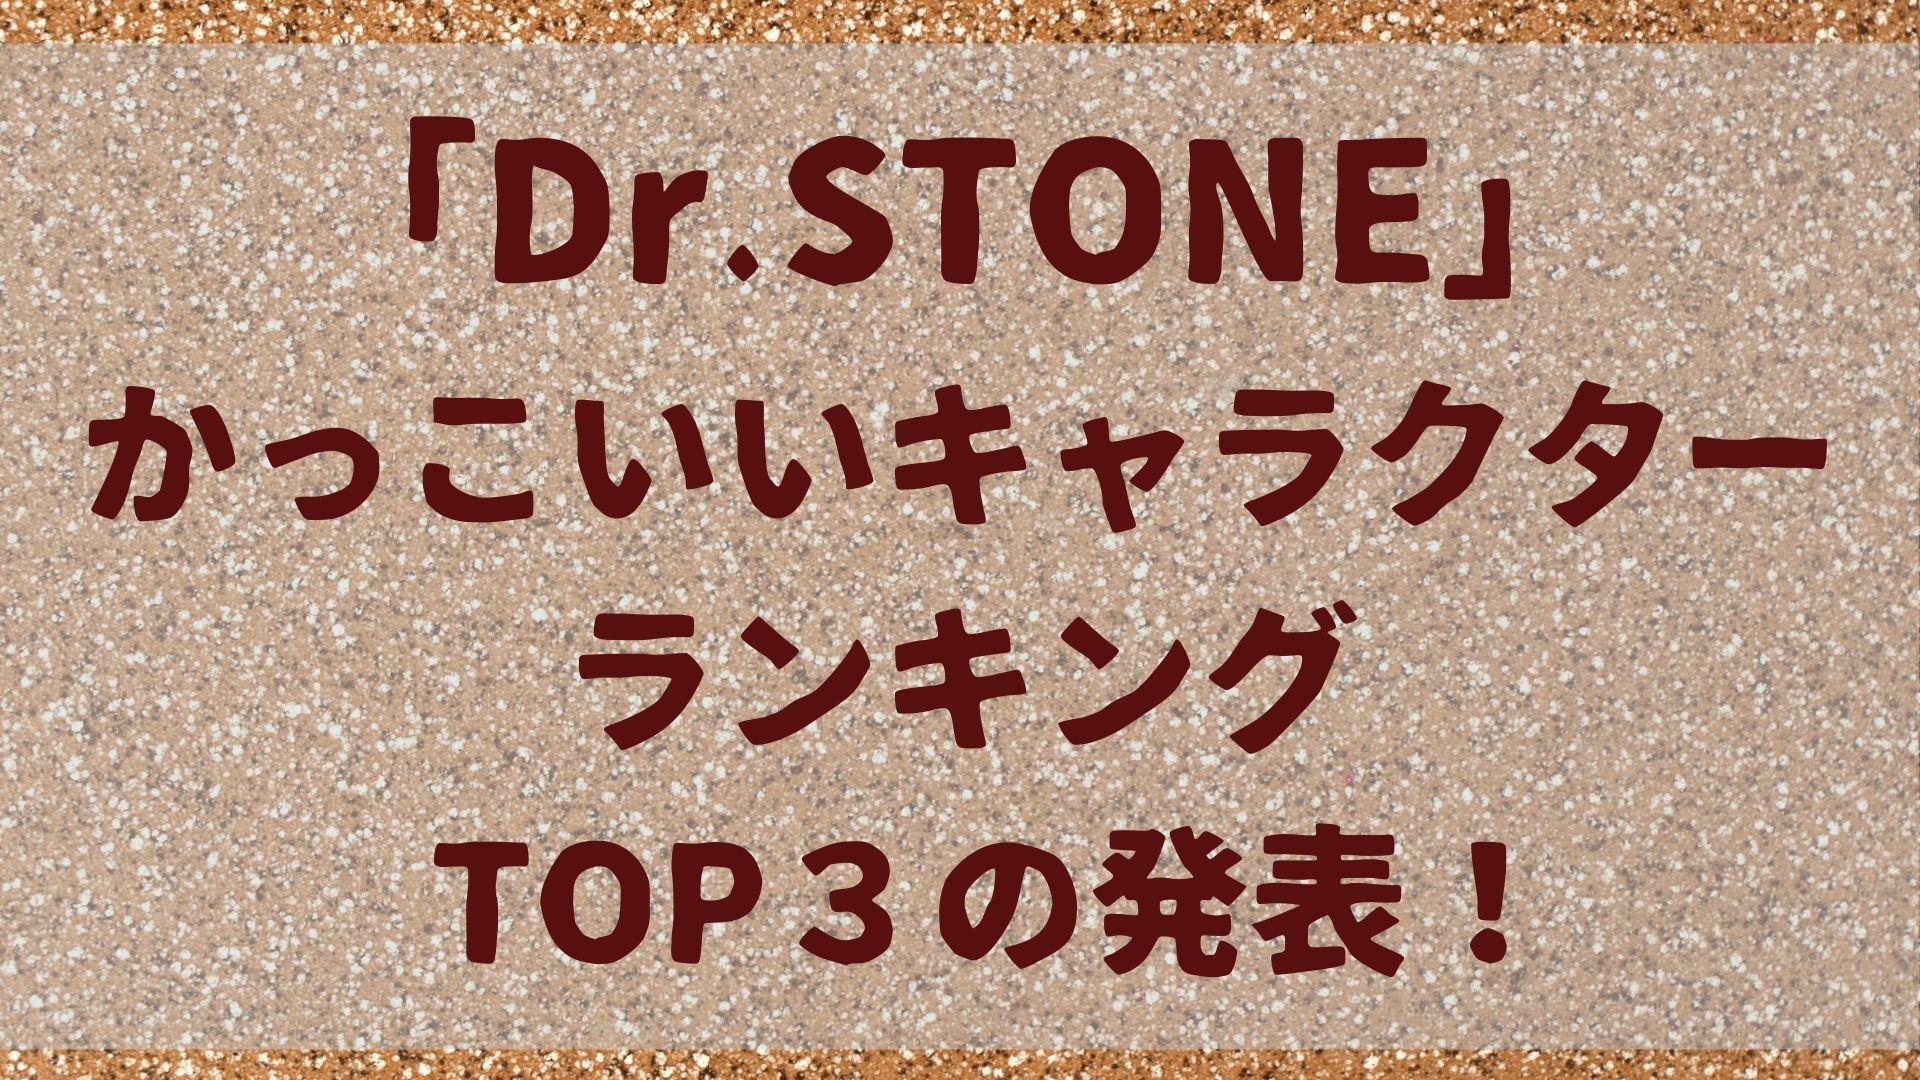 ドクターストーンかっこいいキャラクターランキング TOP3の発表!